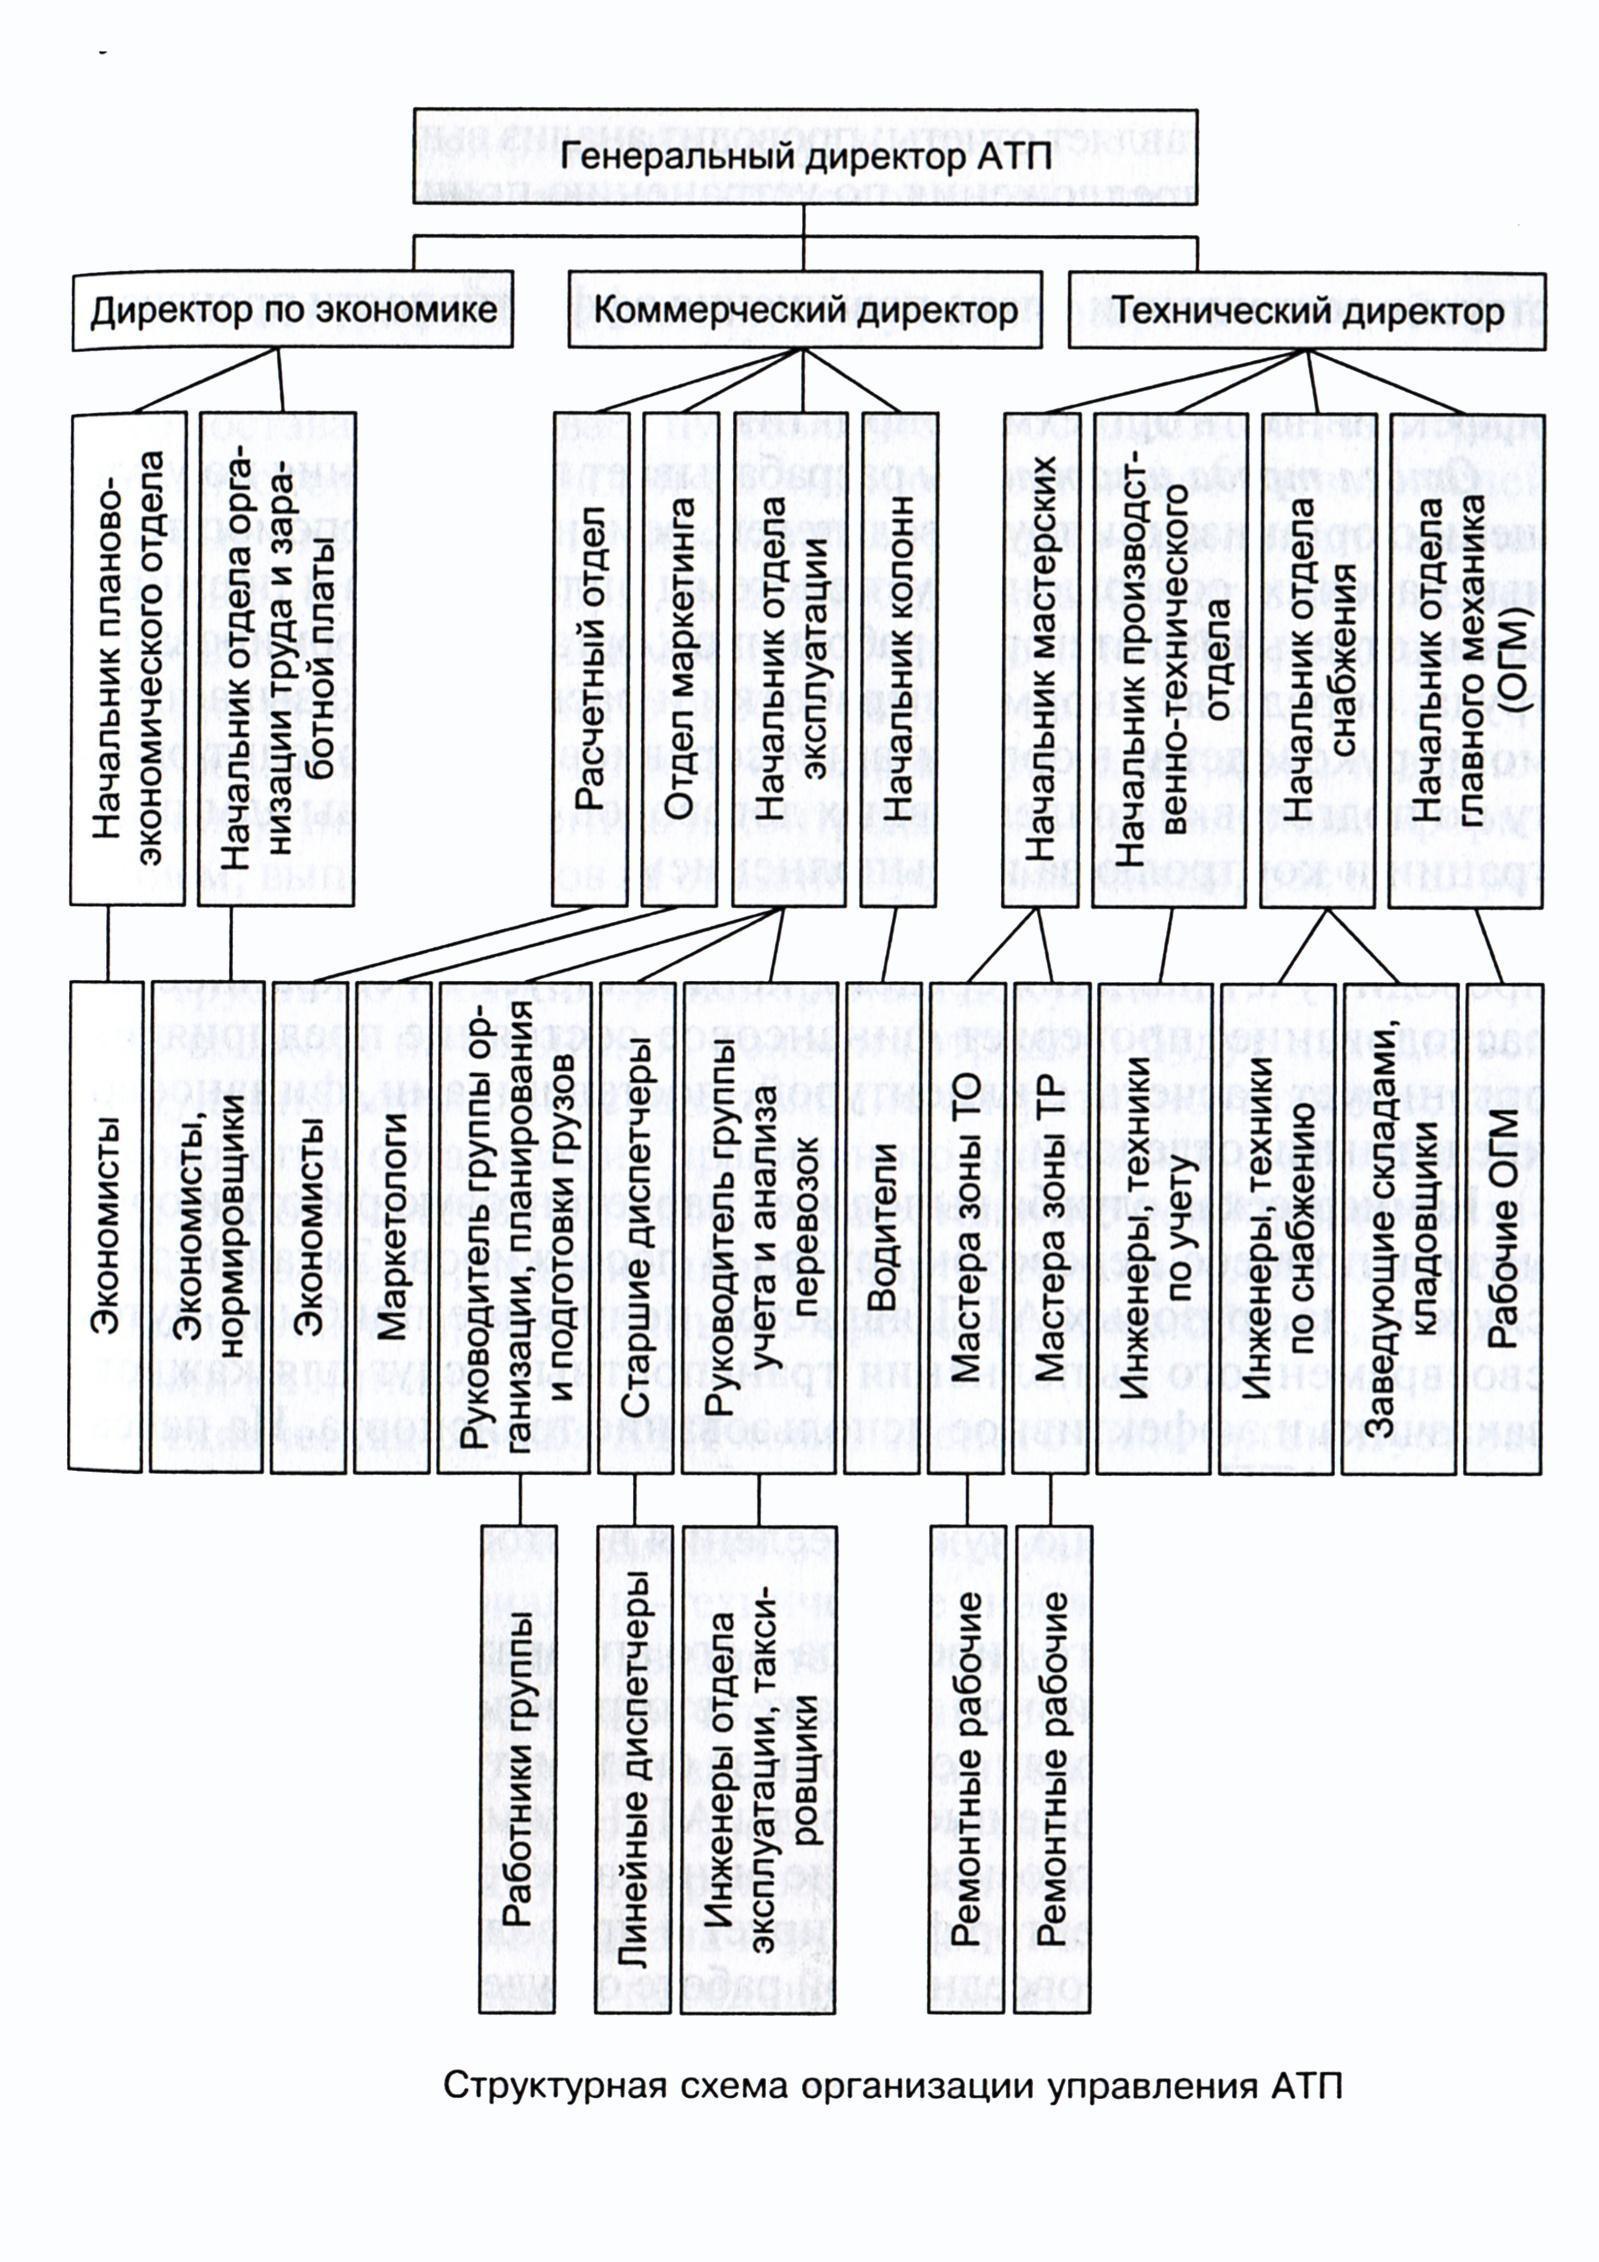 Структура организации – схема, пример, описание